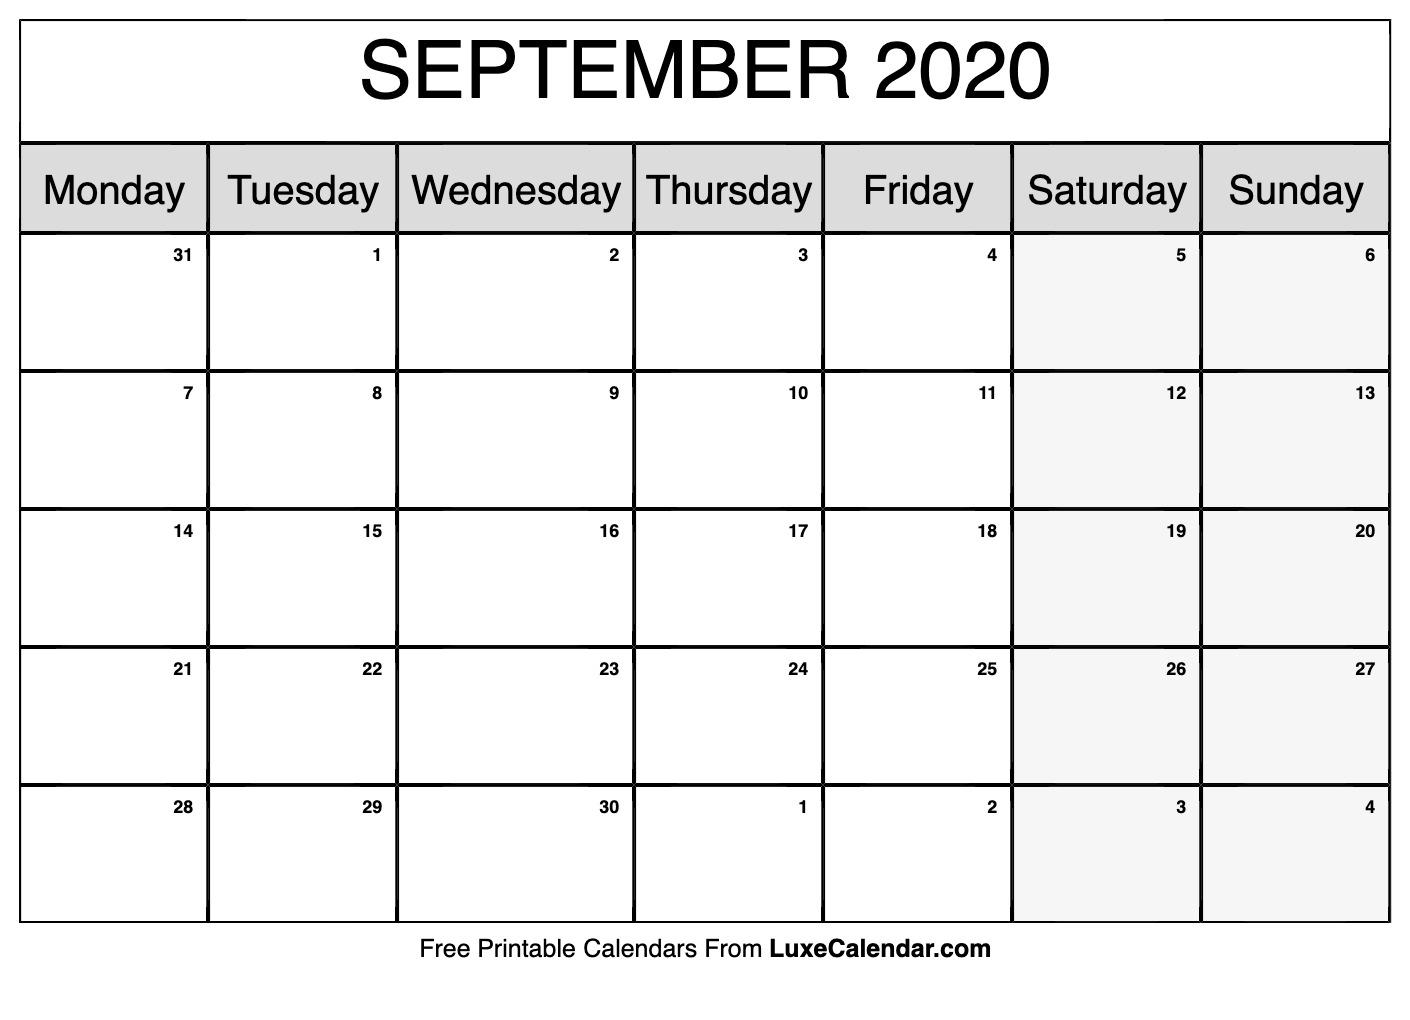 Blank September 2020 Calendar Printable - Luxe Calendar intended for Monday Sunday Calendar Template September